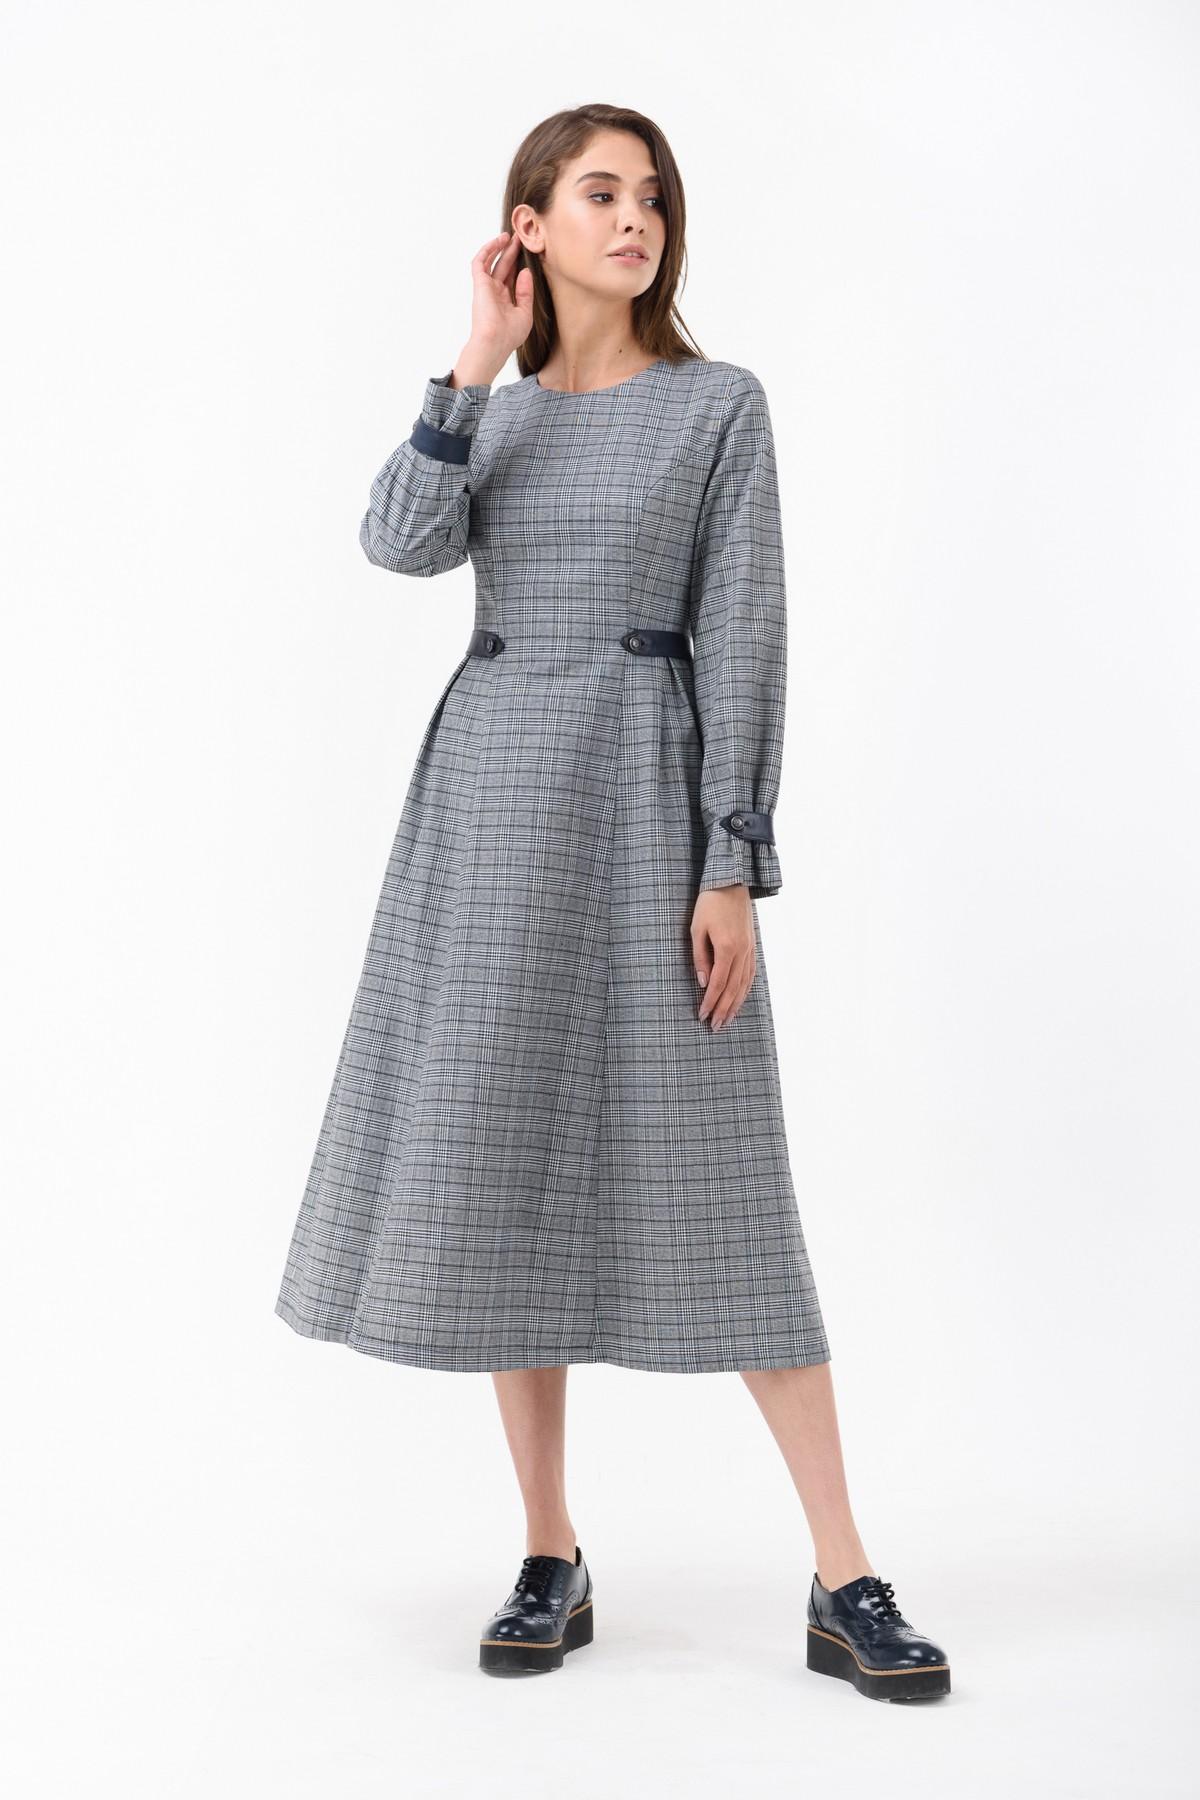 84c1de1b06d Осеннее платье в офисном стиле